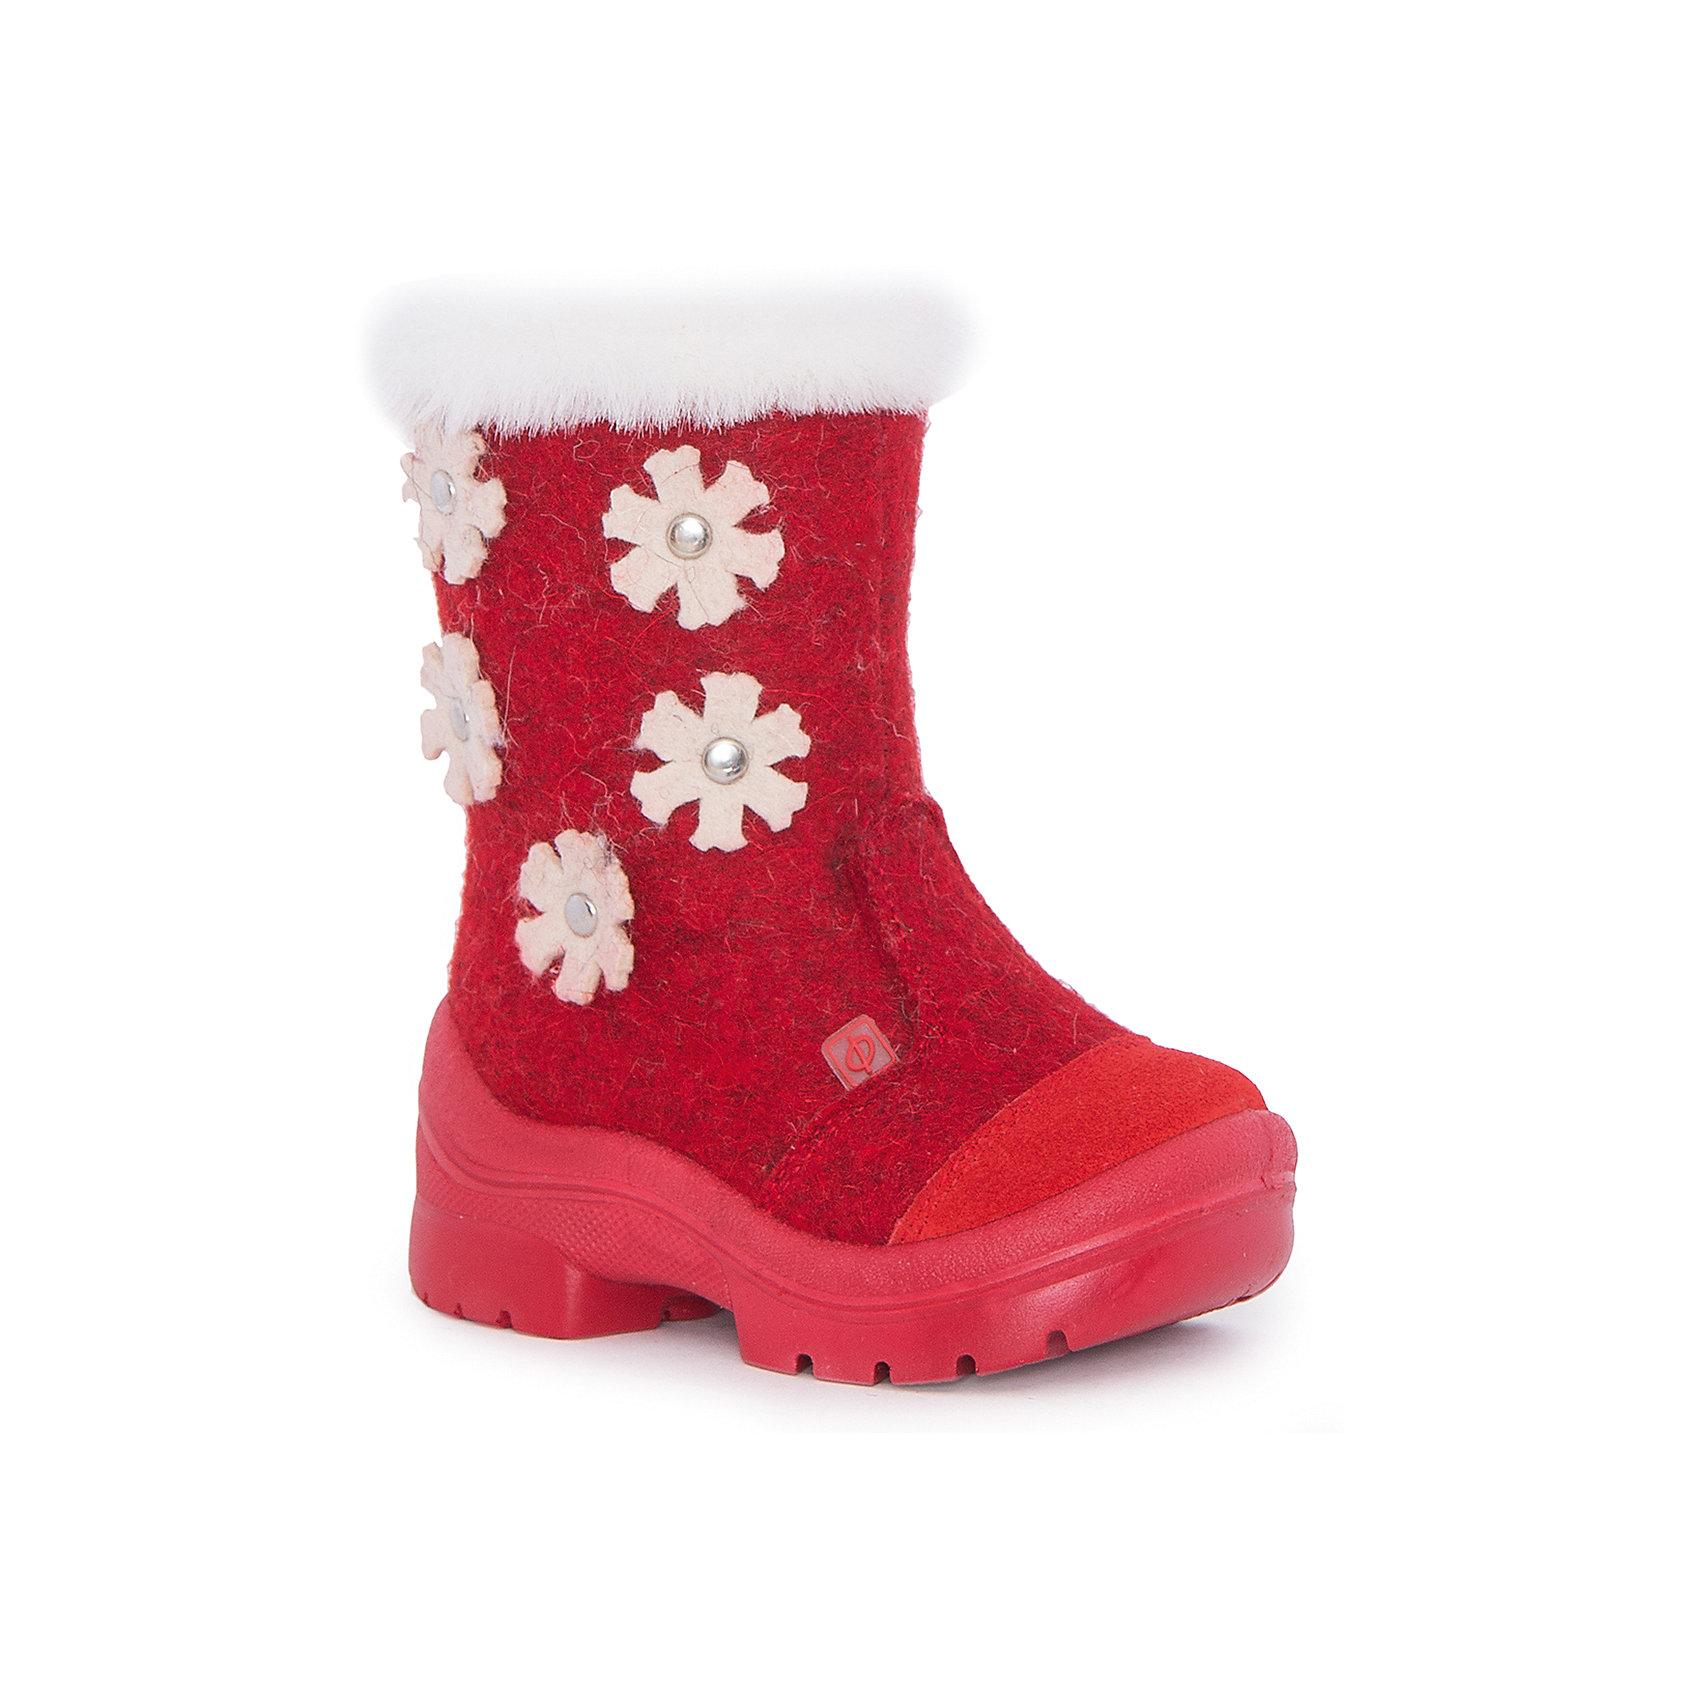 Валенки Зима-красна для девочки ФилипокВаленки<br>Характеристики товара:<br><br>• цвет: красный<br>• температурный режим: от -5° С до -30° С<br>• внешний материал: эко-войлок (натуральная шерсть)<br>• подкладка: натуральная овечья шерсть<br>• стелька: шерстяной войлок (3,5 мм)<br>• подошва: литая, полиуретан<br>• декорированы аппликацией и опушкой<br>• подошва с анти скользящей с системой протектора anti slip<br>• застежка: молния<br>• защита носка - натуральная кожа с износостойкой пропиткой<br>• усиленная пятка<br>• толстая устойчивая подошва<br>• страна бренда: РФ<br>• страна изготовитель: РФ<br><br>Очень теплые и удобные валенки для ребенка от известного бренда детской обуви Филипок созданы специально для русской зимы. Качественные материалы с пропиткой против попадания воды внутрь и модный дизайн понравятся и малышам и их родителям. Подошва и стелька обеспечат ребенку комфорт, сухость и тепло, позволяя в полной мере наслаждаться зимним отдыхом. Усиленная защита пятки и носка обеспечивает дополнительную безопасность детских ног в этих сапожках.<br>Эта красивая и удобная обувь прослужит долго благодаря отличному качеству. Производитель анти скользящее покрытие и амортизирующие свойства подошвы! Модель производится из качественных и проверенных материалов, которые безопасны для детей.<br><br>Валенки для девочки от бренда Филипок можно купить в нашем интернет-магазине.<br><br>Ширина мм: 257<br>Глубина мм: 180<br>Высота мм: 130<br>Вес г: 420<br>Цвет: красный<br>Возраст от месяцев: 15<br>Возраст до месяцев: 18<br>Пол: Женский<br>Возраст: Детский<br>Размер: 29,27,25,24,23,22,26,28,30<br>SKU: 4207368